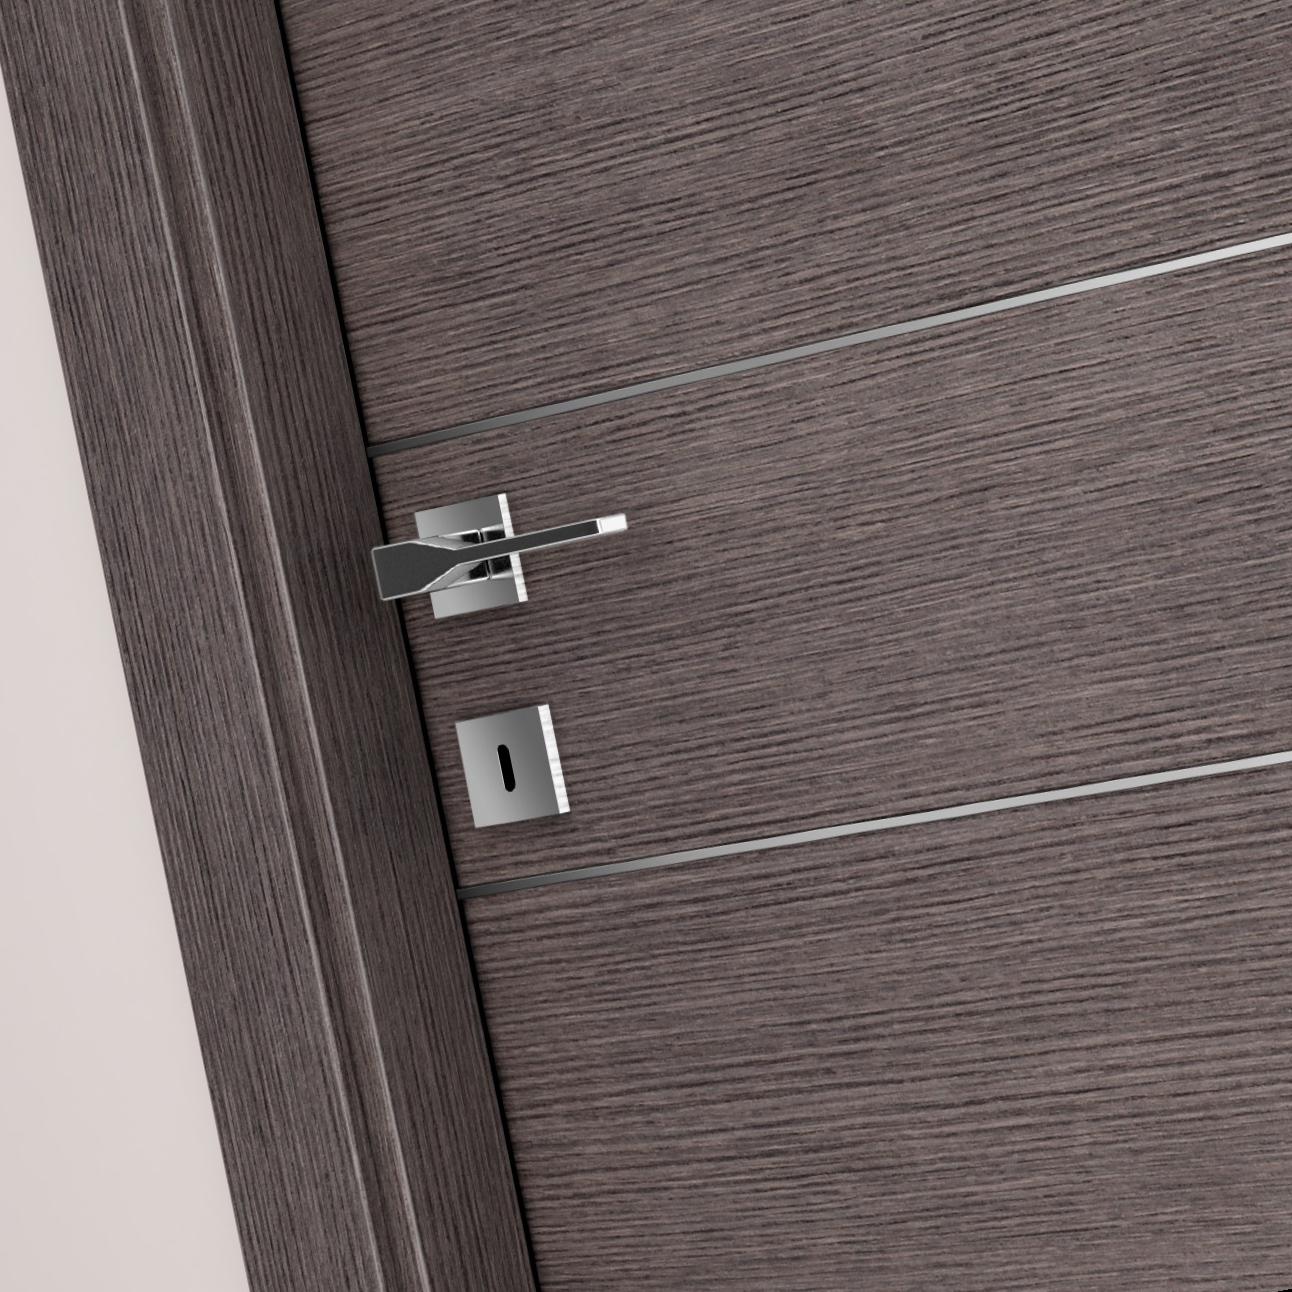 Porte Con Inserti In Alluminio : Porta xilo inserti alluminio laminato spazzolato